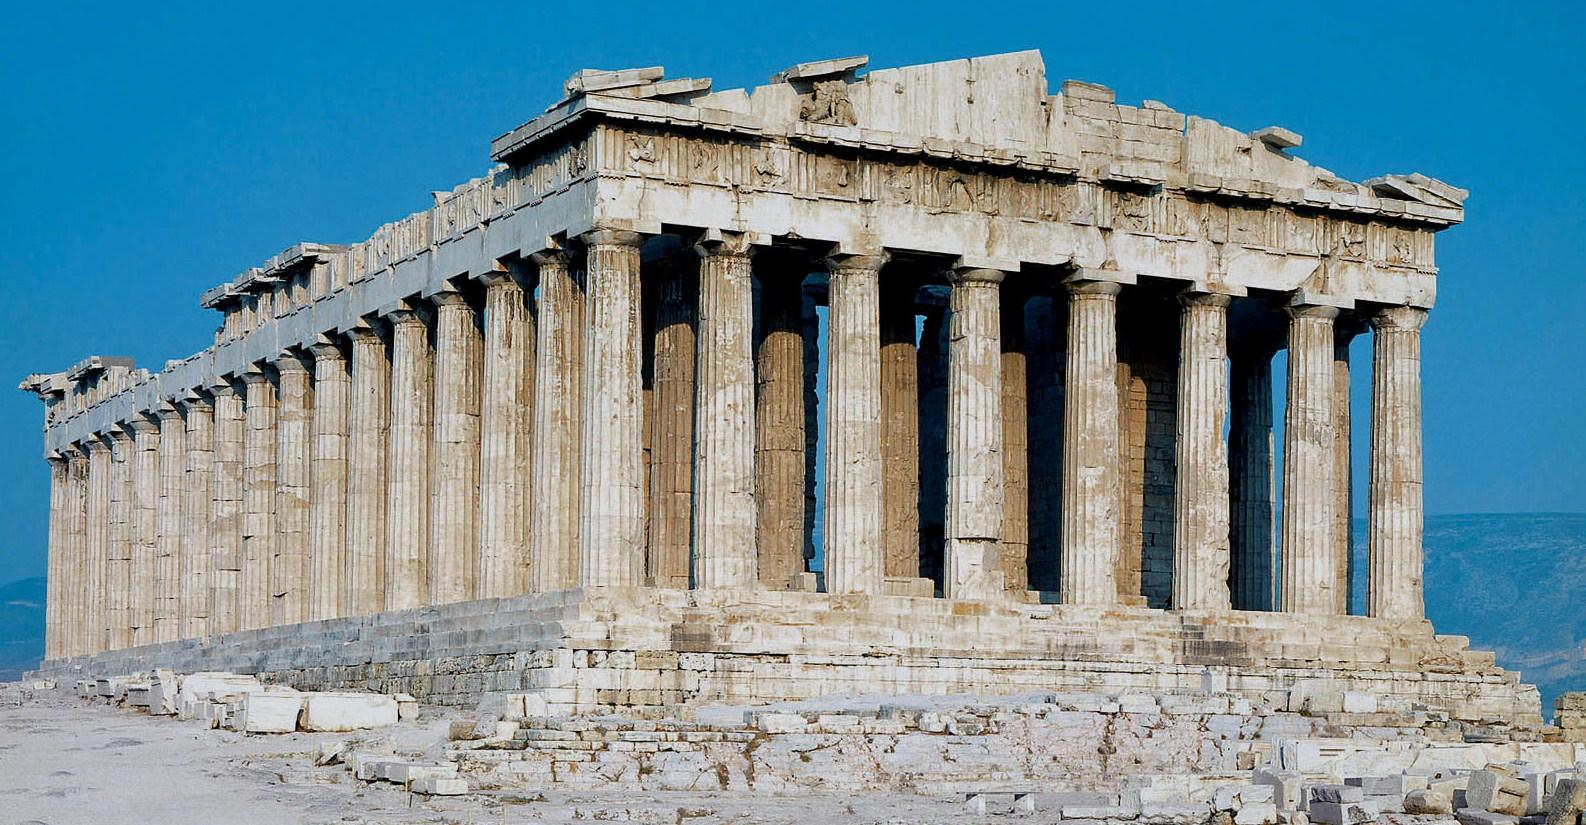 THỔ NHĨ KỲ - HY LẠP: ISTANBUL - ATHENS - ĐẢO NGỌC SANTORINI